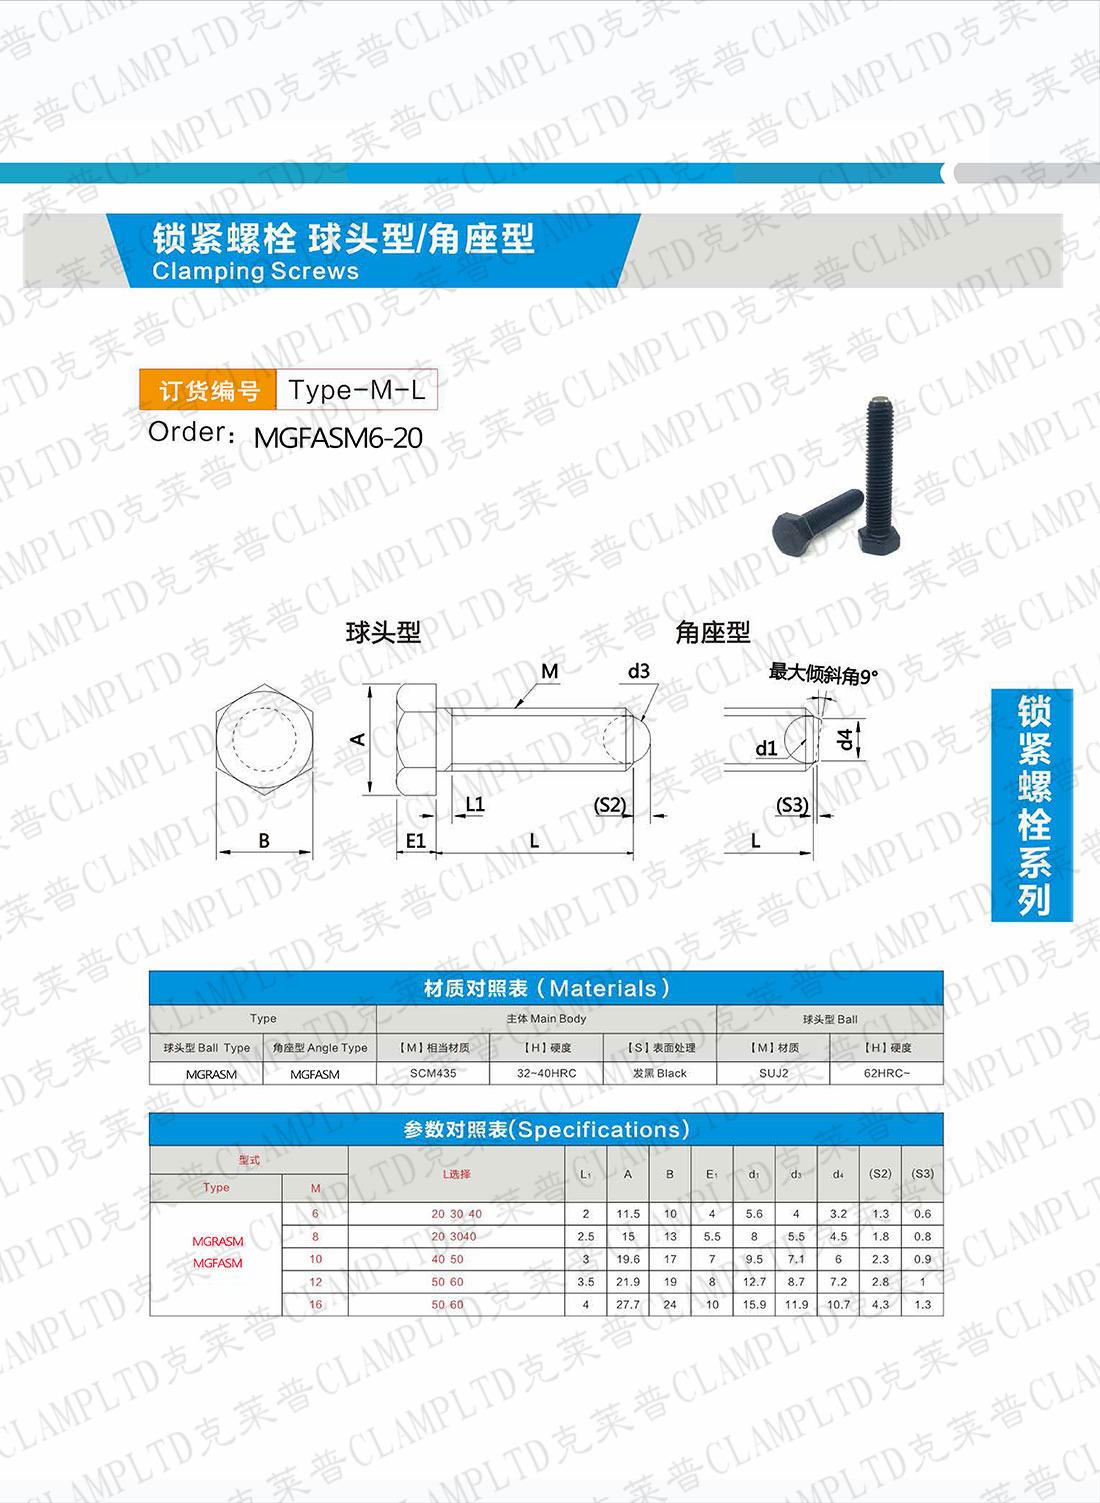 锁紧螺栓 球头型/角座型丨锁紧螺栓系列 夹具附件 第2张